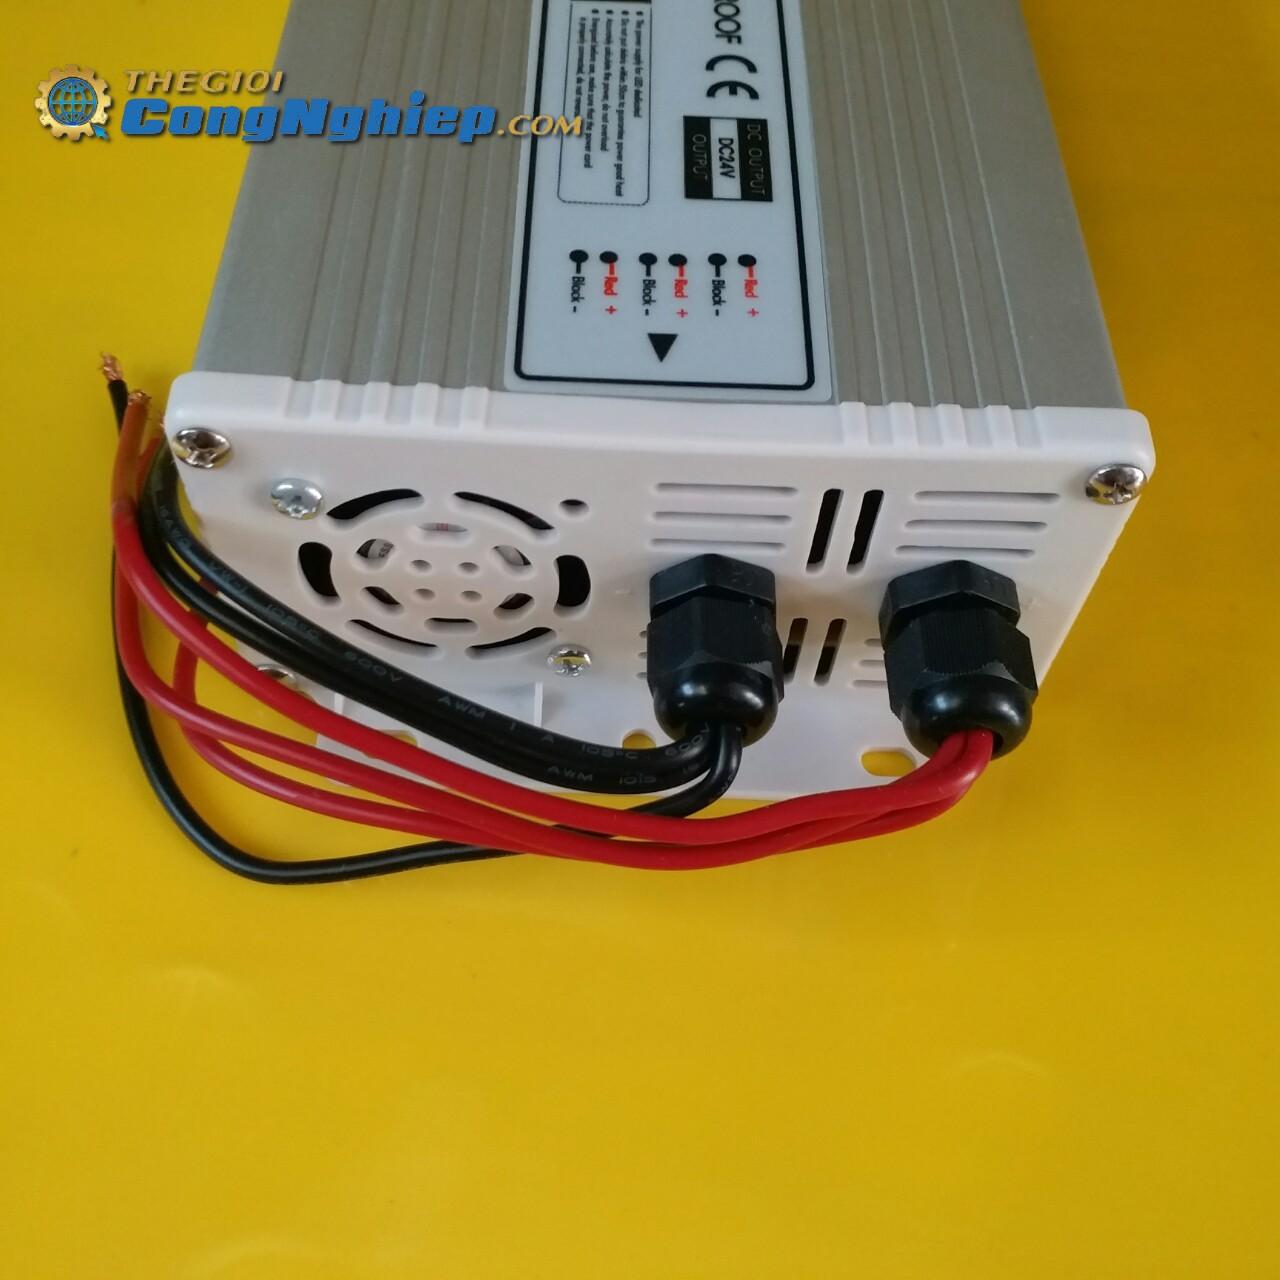 Nguồn cho led dây có điện áp vào 100-240VAC 50/60Hz, điện áp ra 24VDC, công suất 400W  FX400-H1V24 JCVTECH